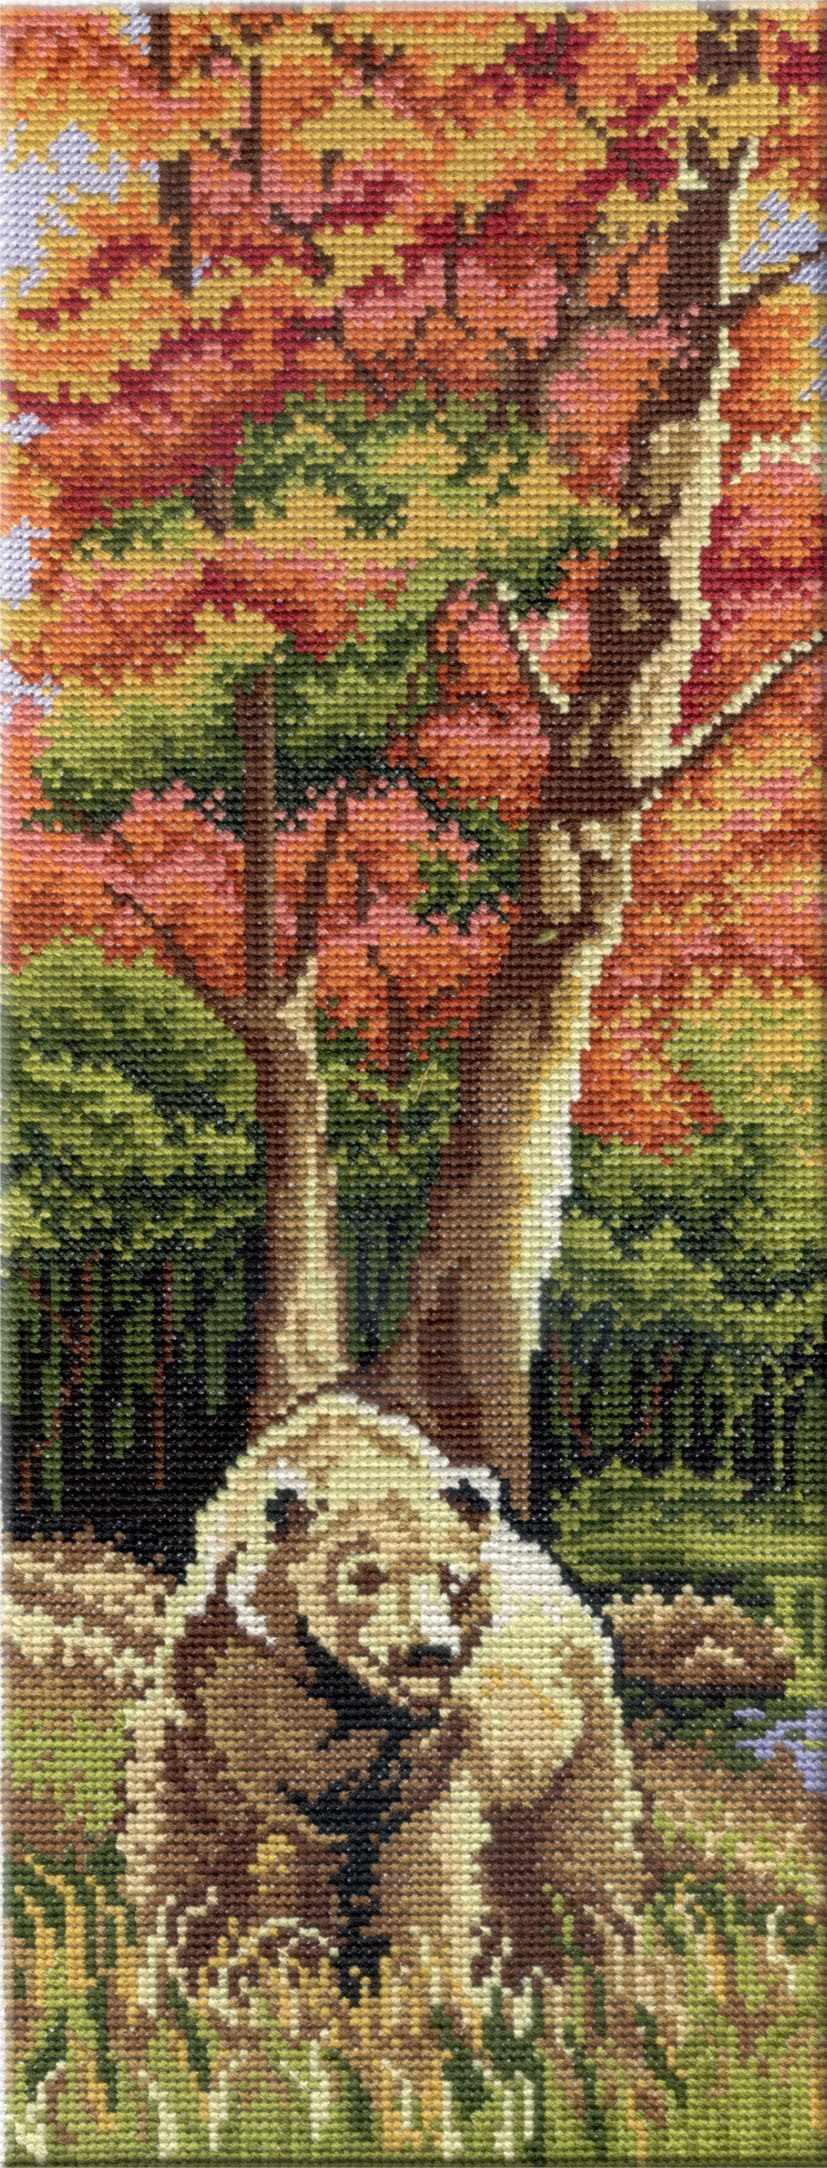 НВ-262 Триптих1 Медведь (МП Студия)